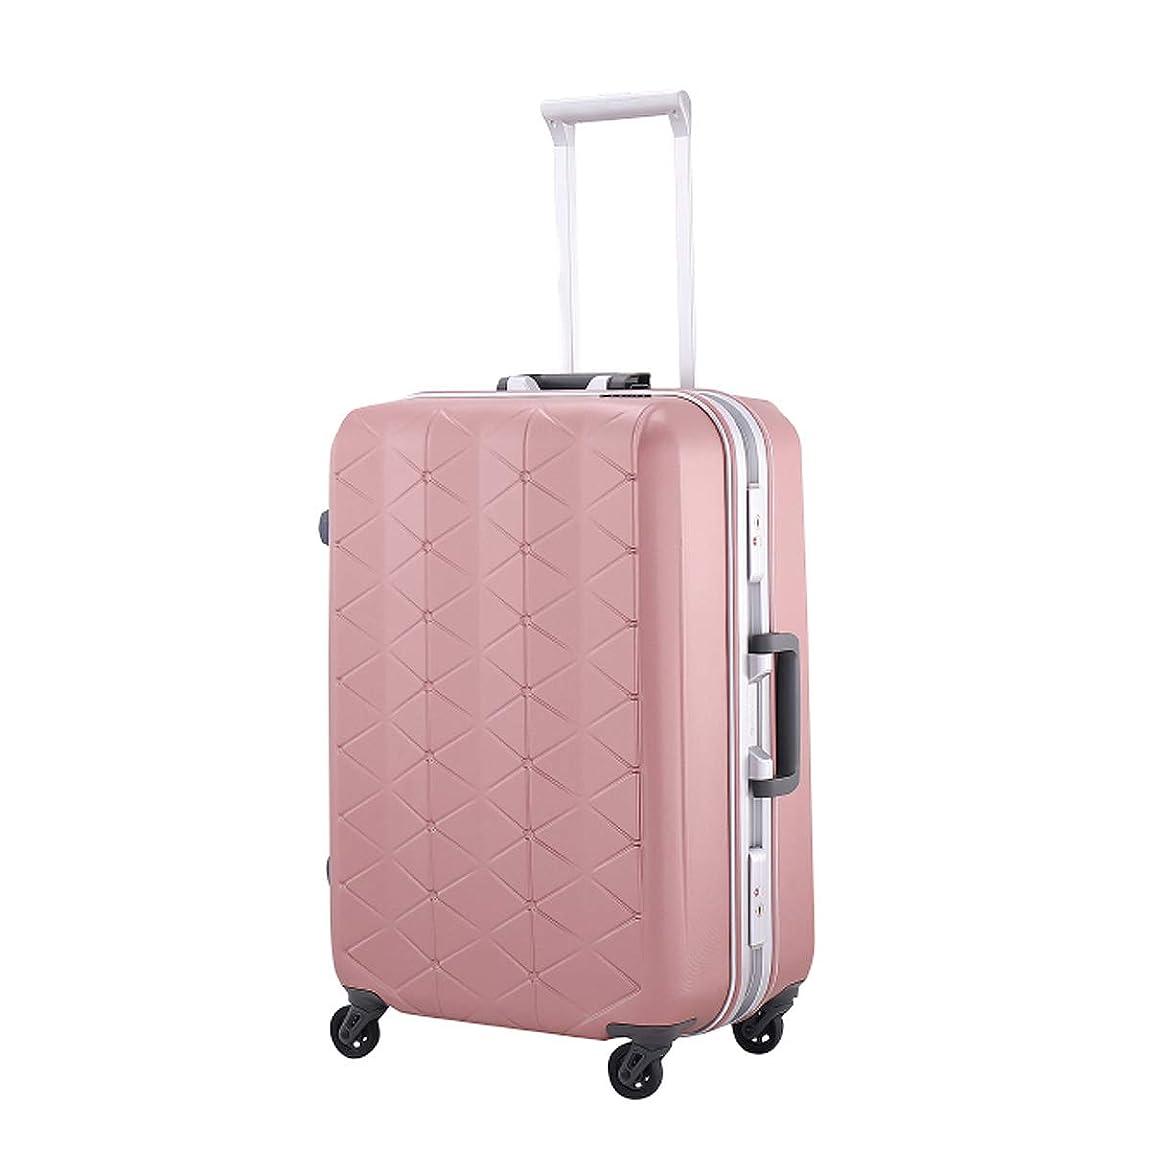 子羊コンソール情報[サンコー] SUPER LIGHTS MGC スーツケース スーパーライト 73L 軽量 中型 抗菌ハンドル マグネシウムフレーム 大容量 63 cm 3.8kg